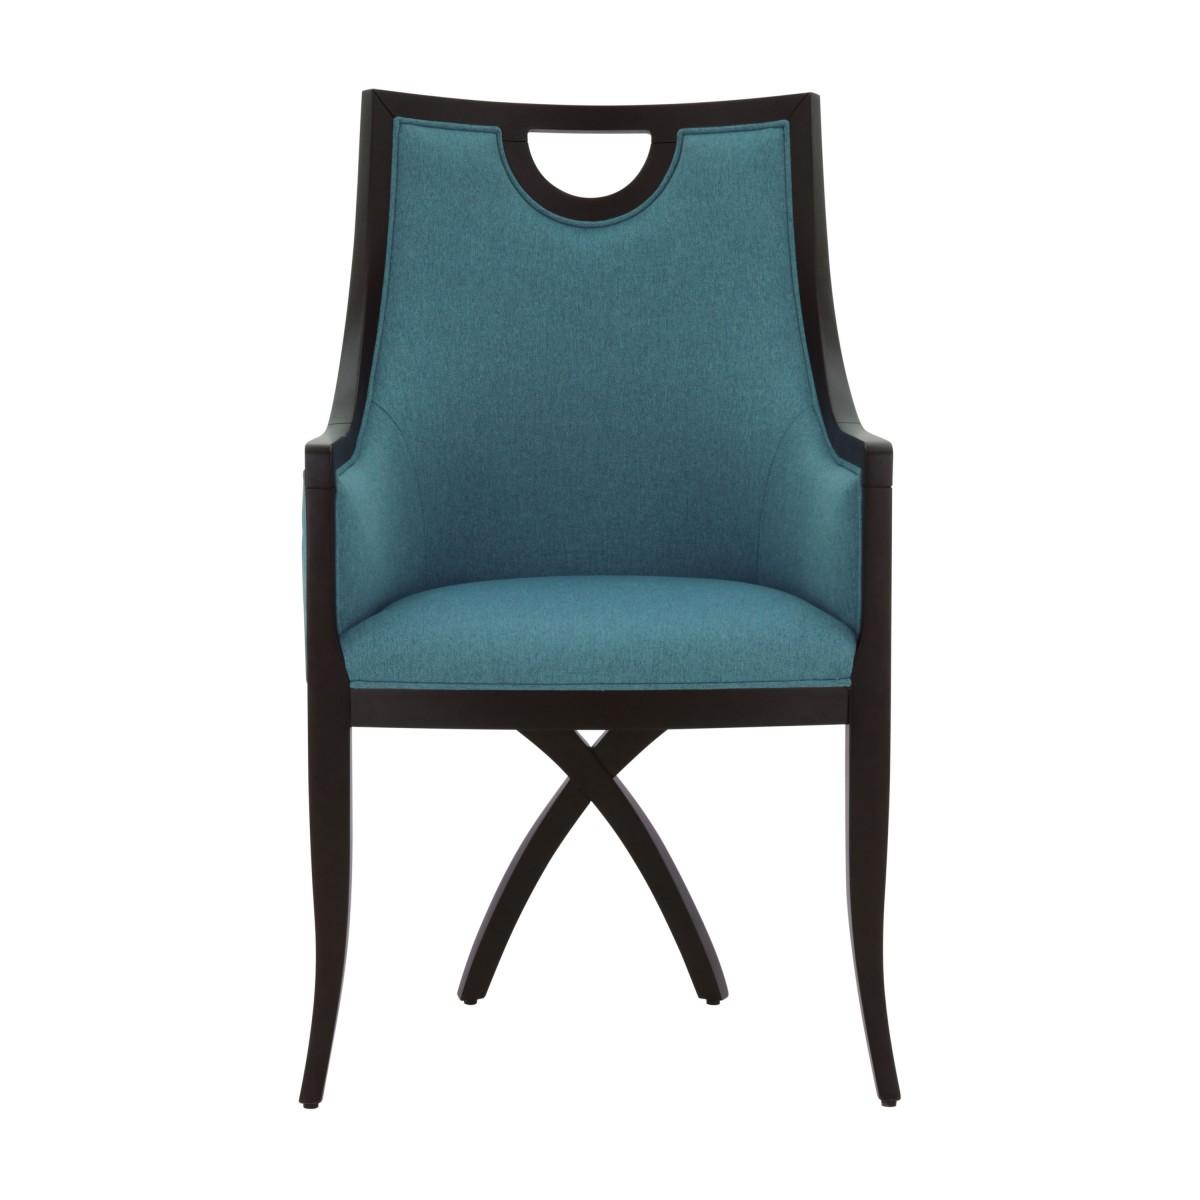 Small armchair Kriz - Sevensedie